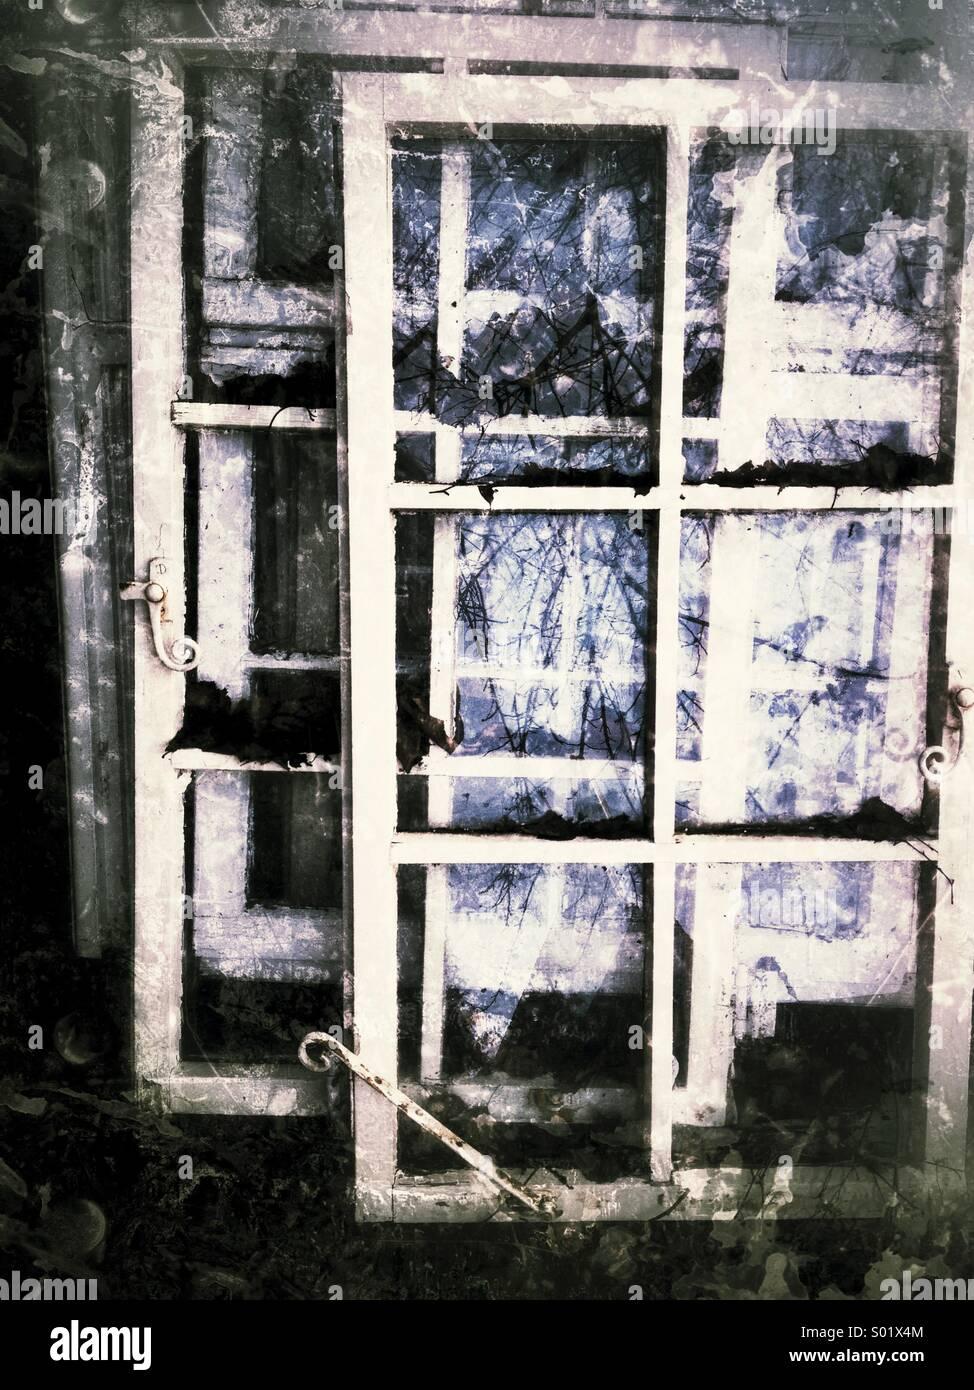 Le vecchie finestre, abbandonata Immagini Stock